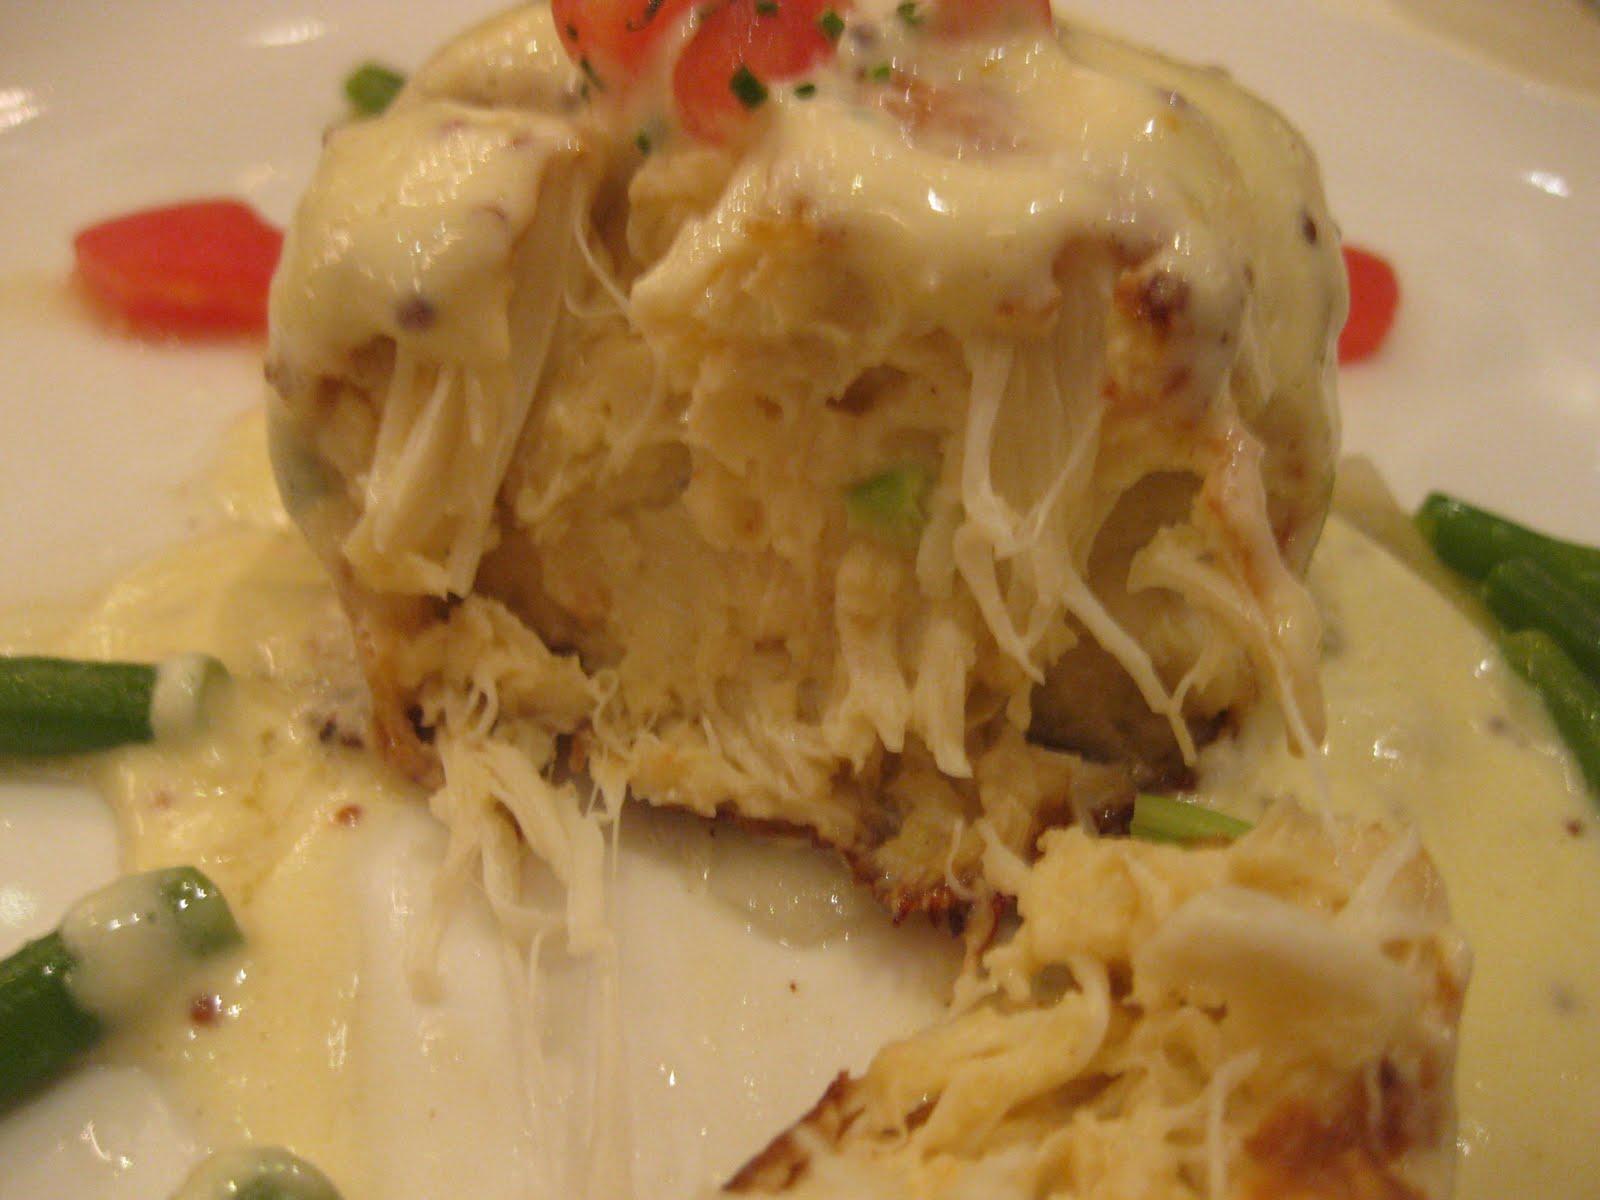 Le Bec Fin Signature Crab Cake Recipe